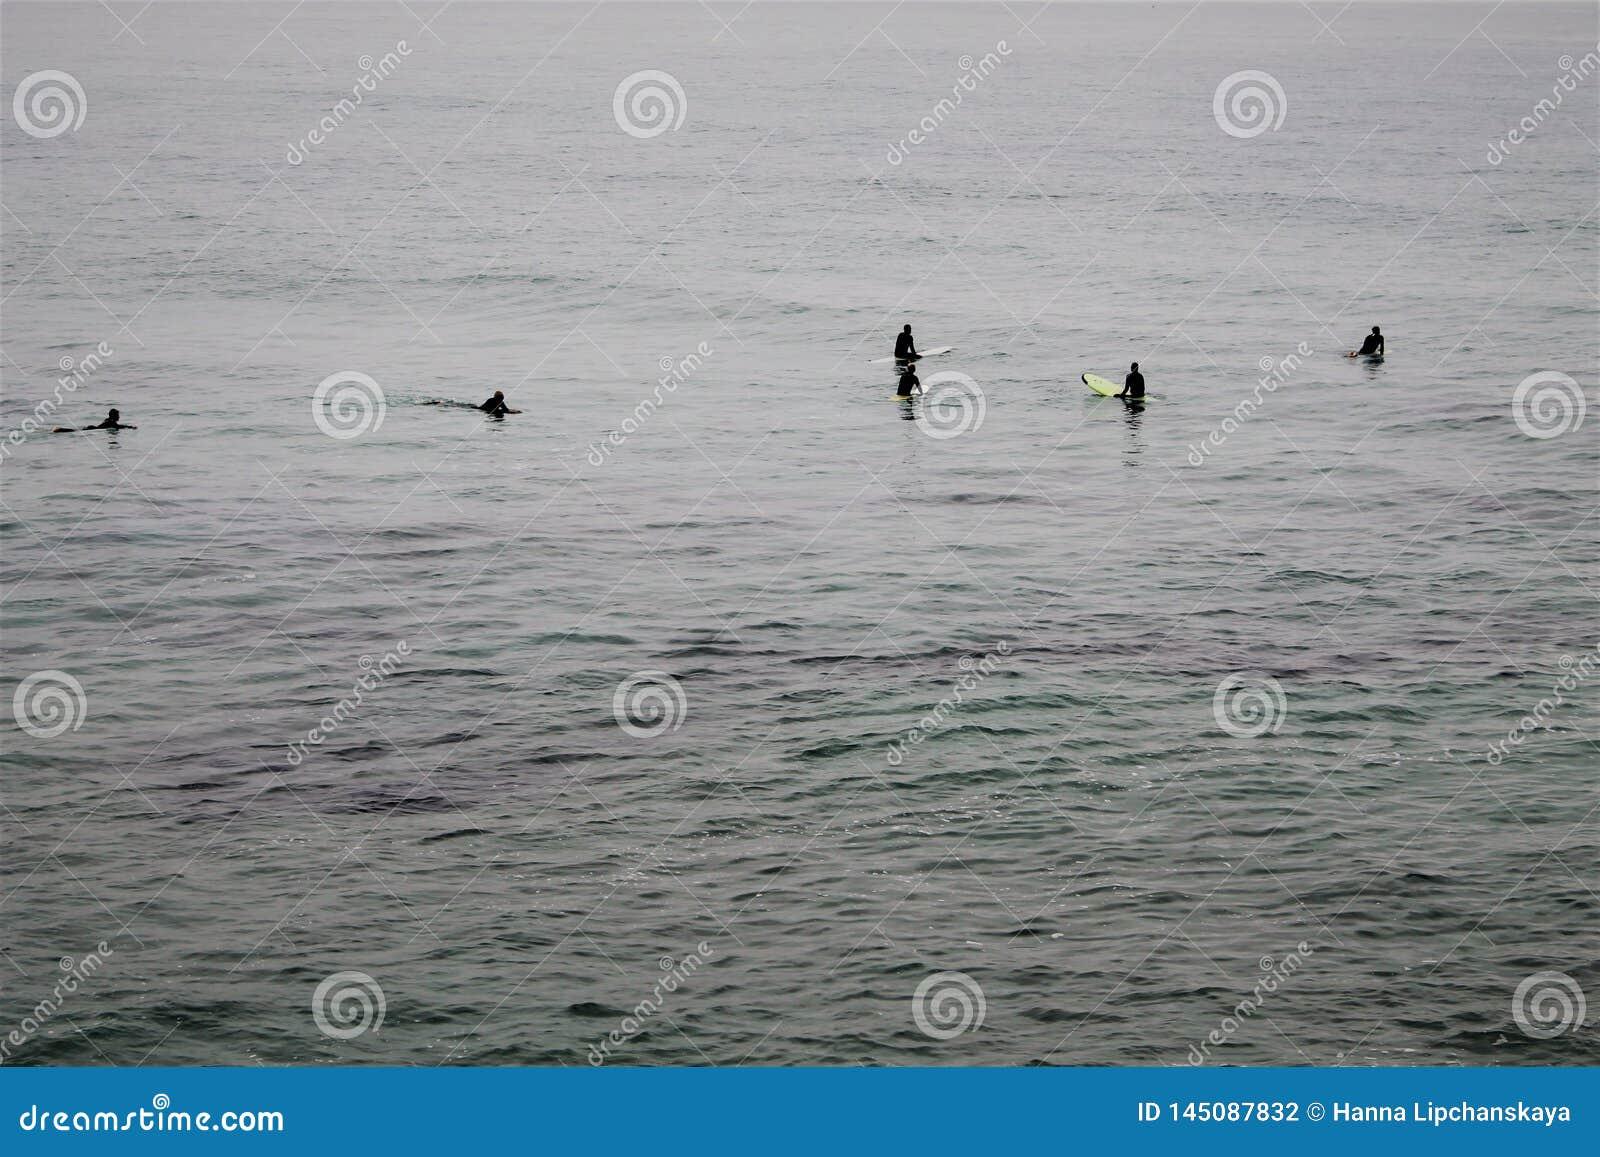 Fünf Surfer, die auf eine Welle warten